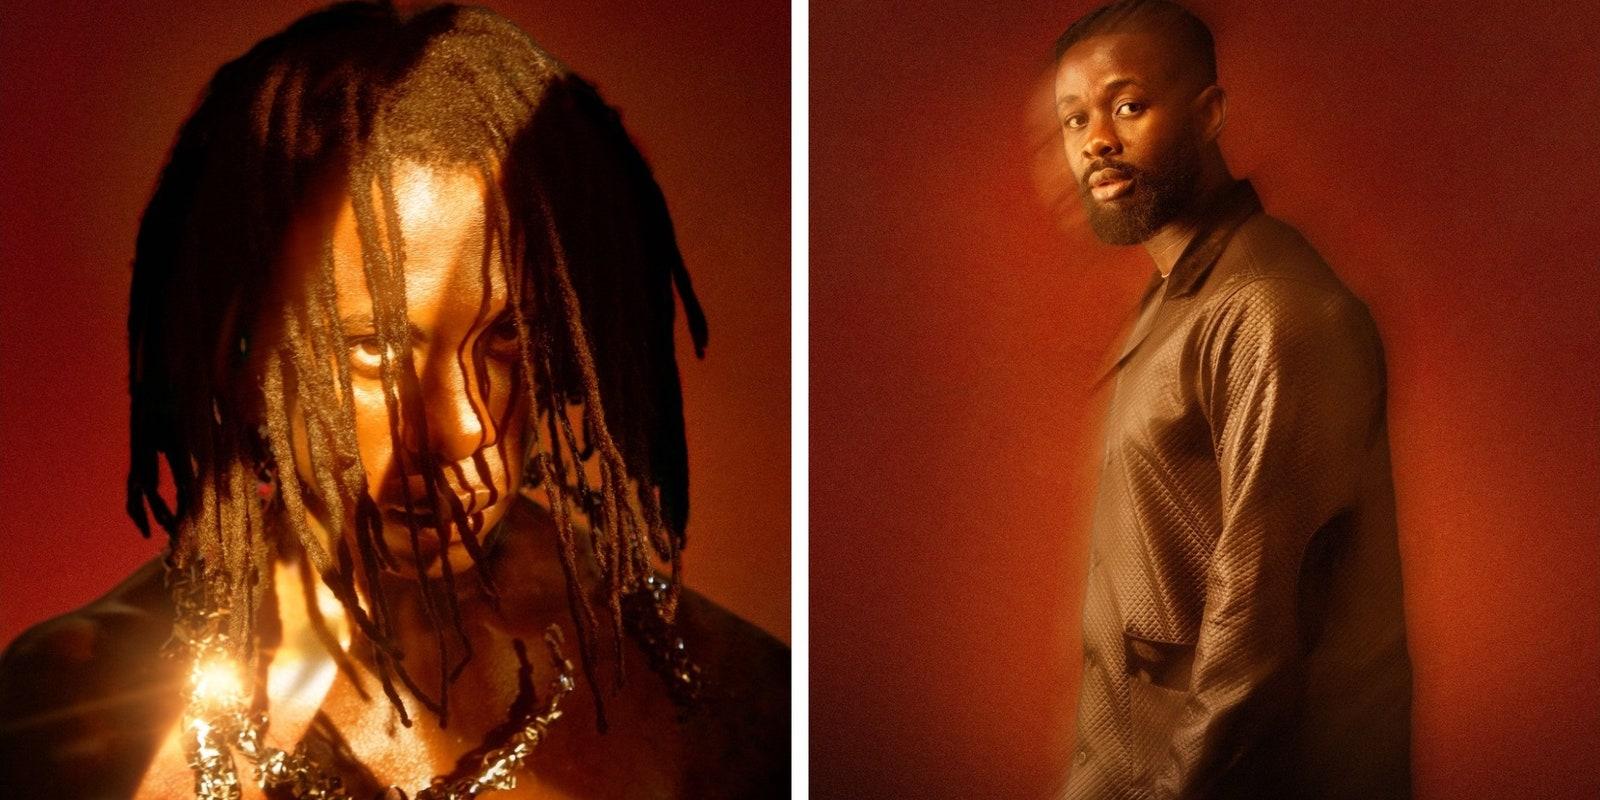 """Obongjayar & Sarz - """"Gone Girl"""""""